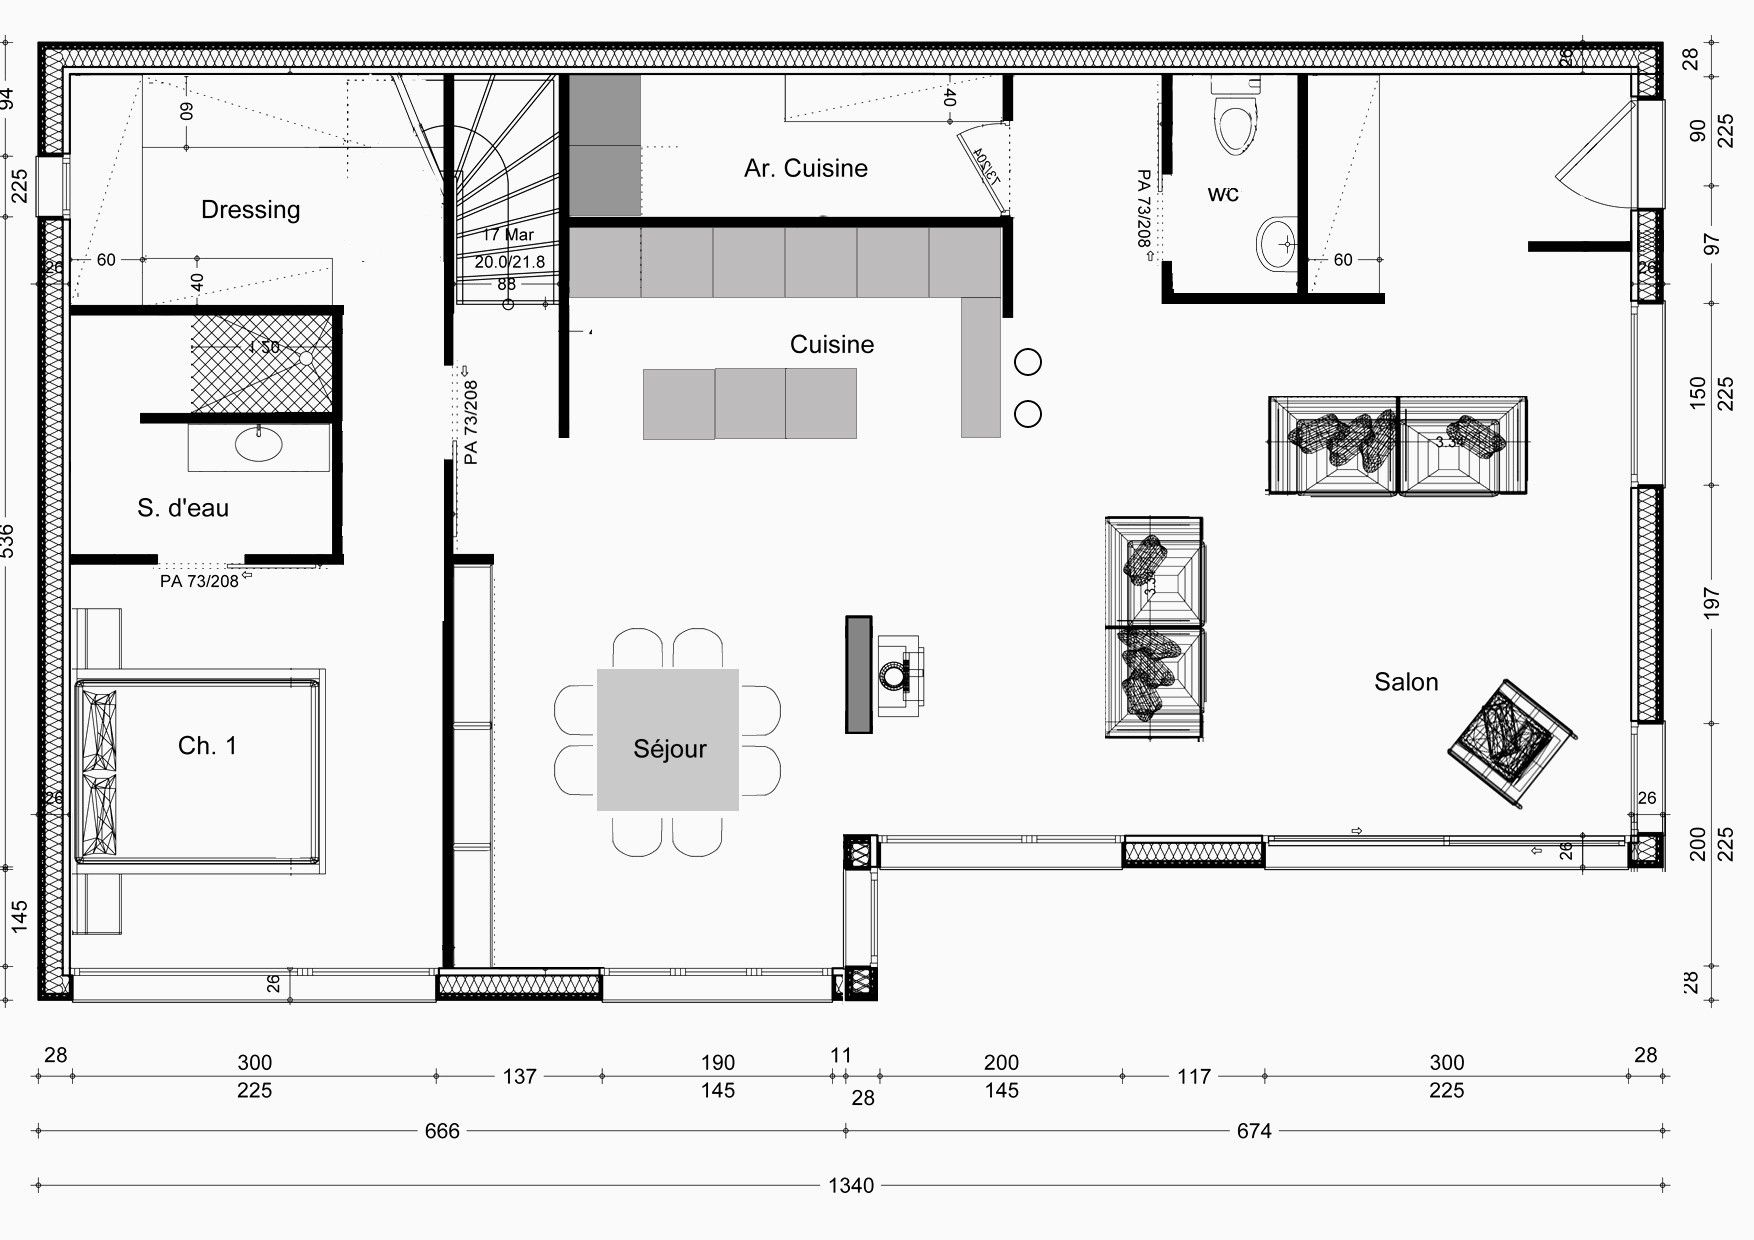 Realiser Un Plan De Maison Dessiner Gratuit Adorable Plan Maison Plan De Maison Gratuit Faire Plan Maison